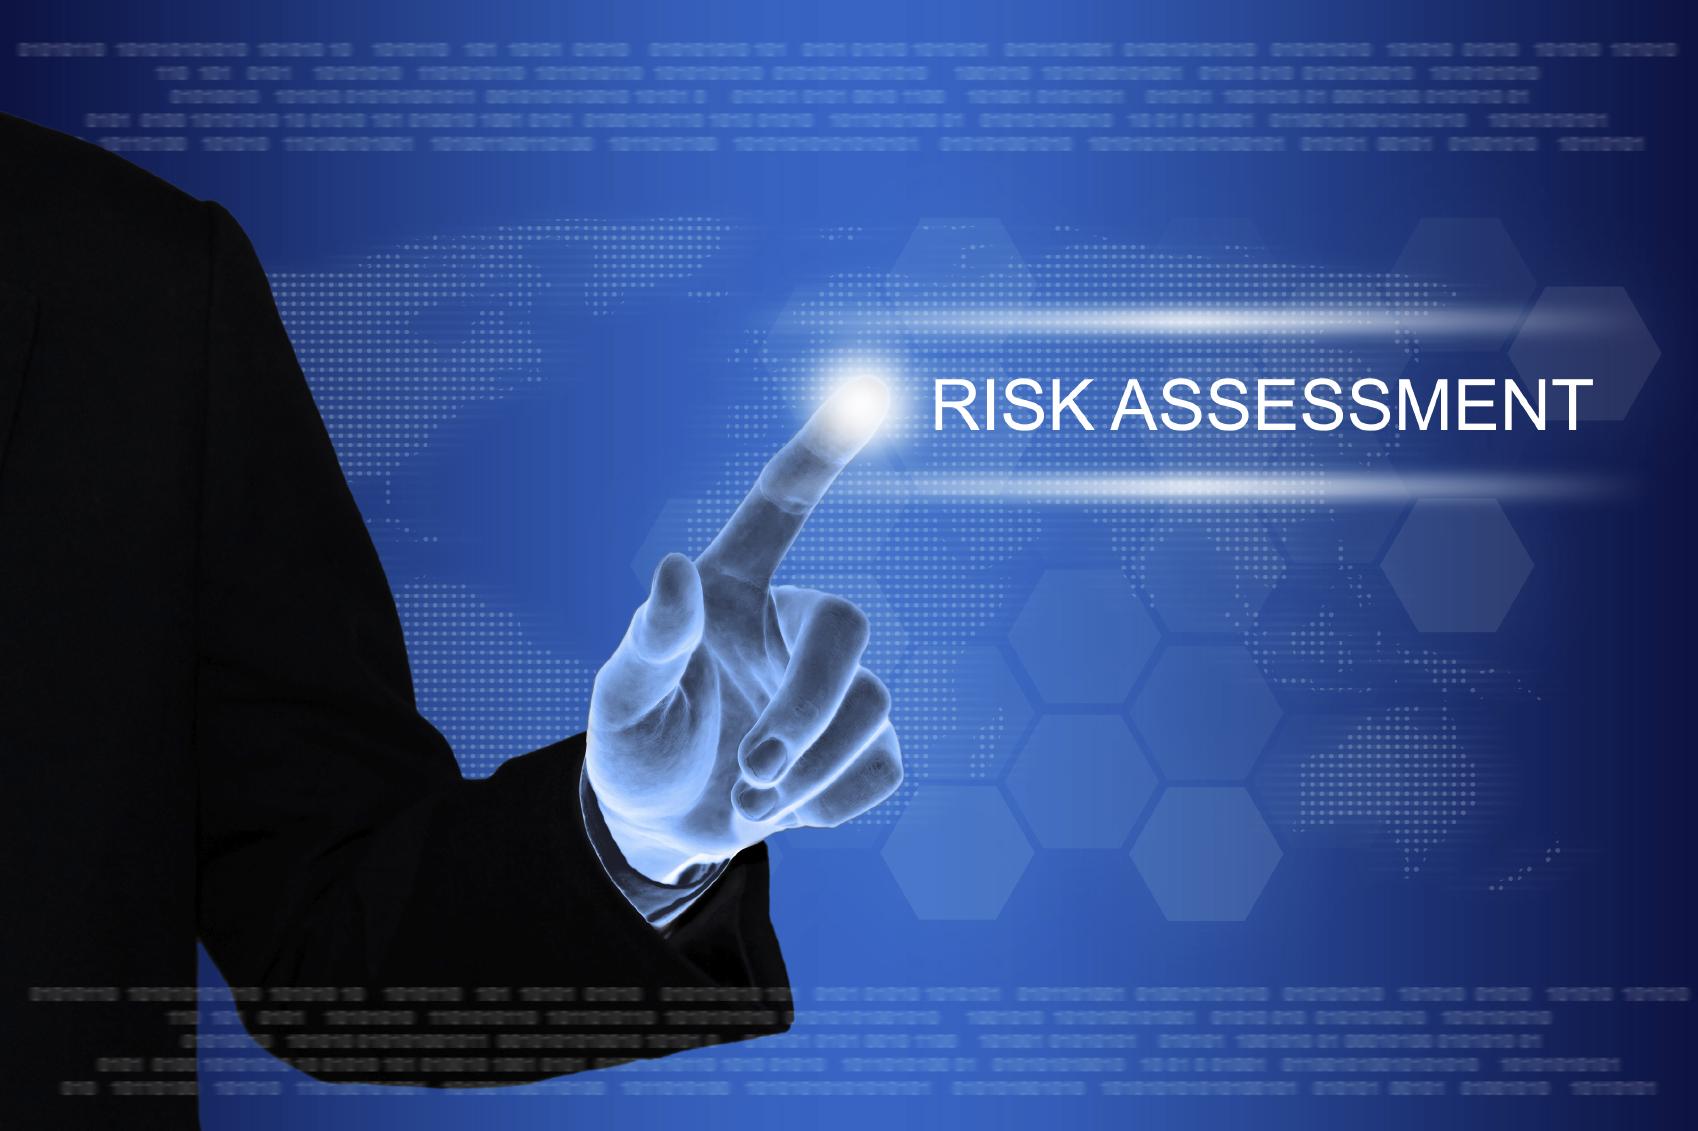 Field Level Risk Assessment Training